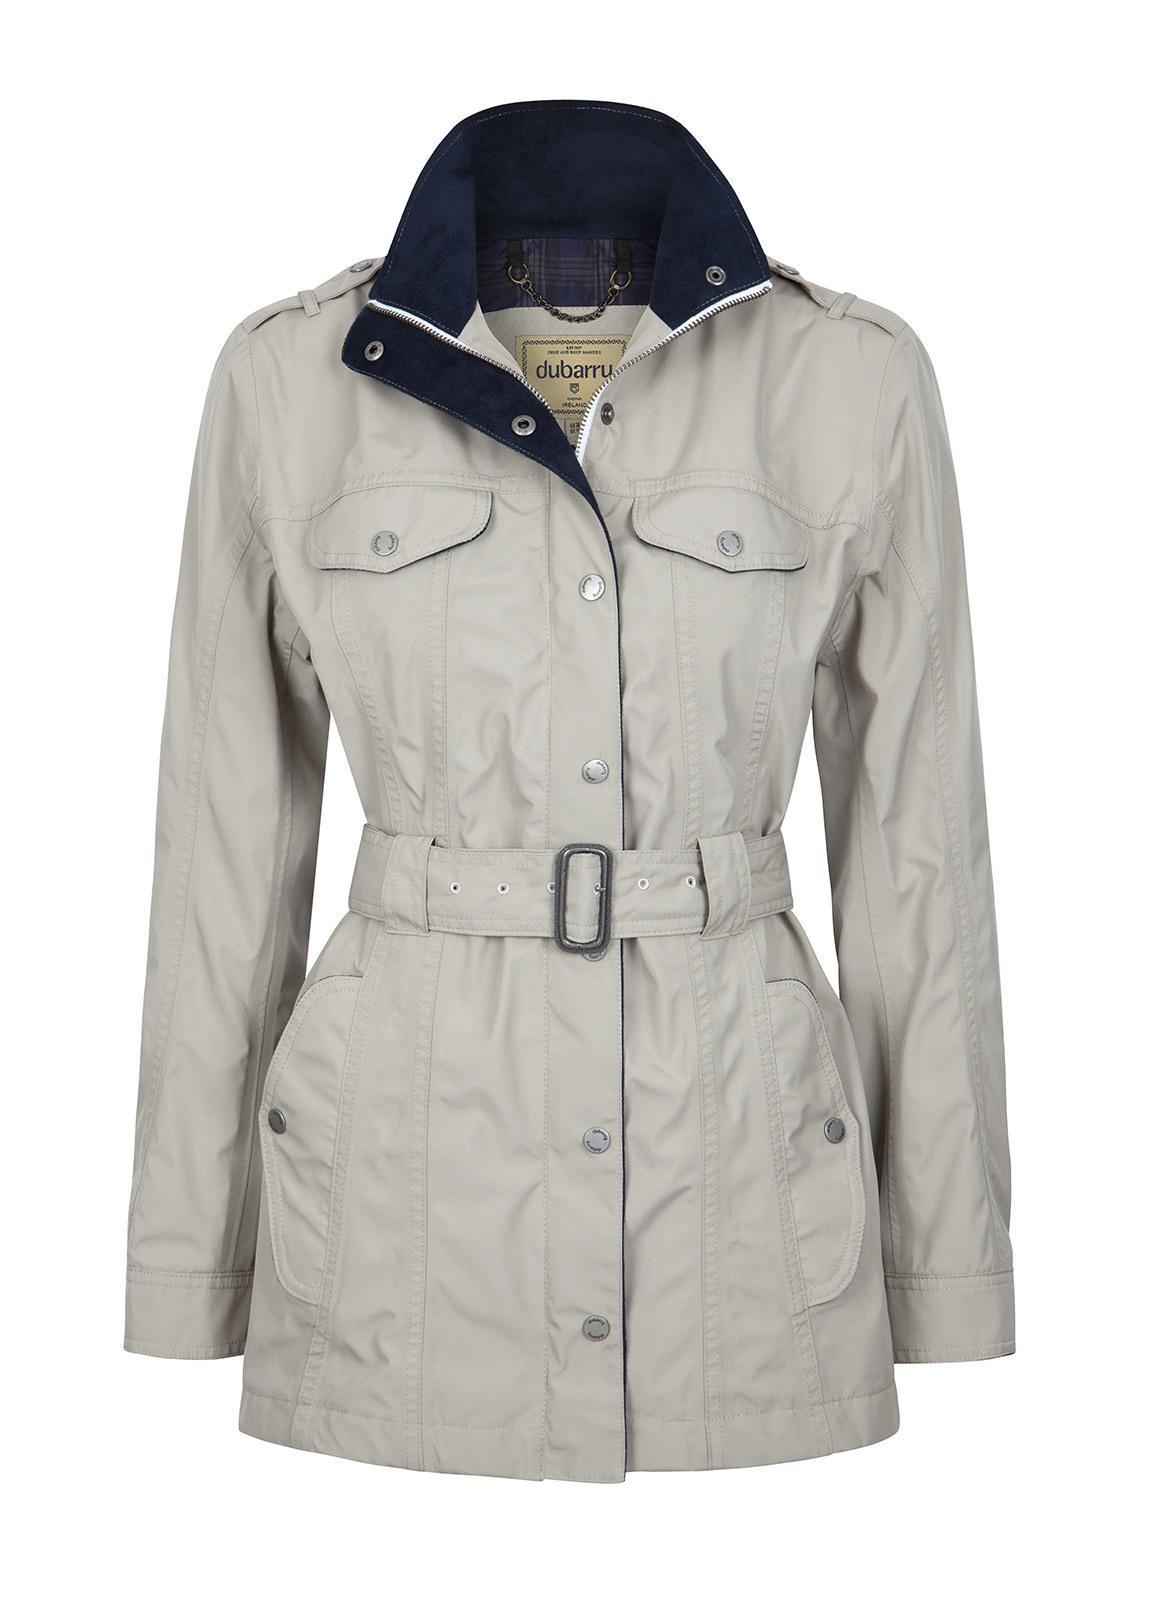 Swift Ladies Waterproof Jacket - Sand